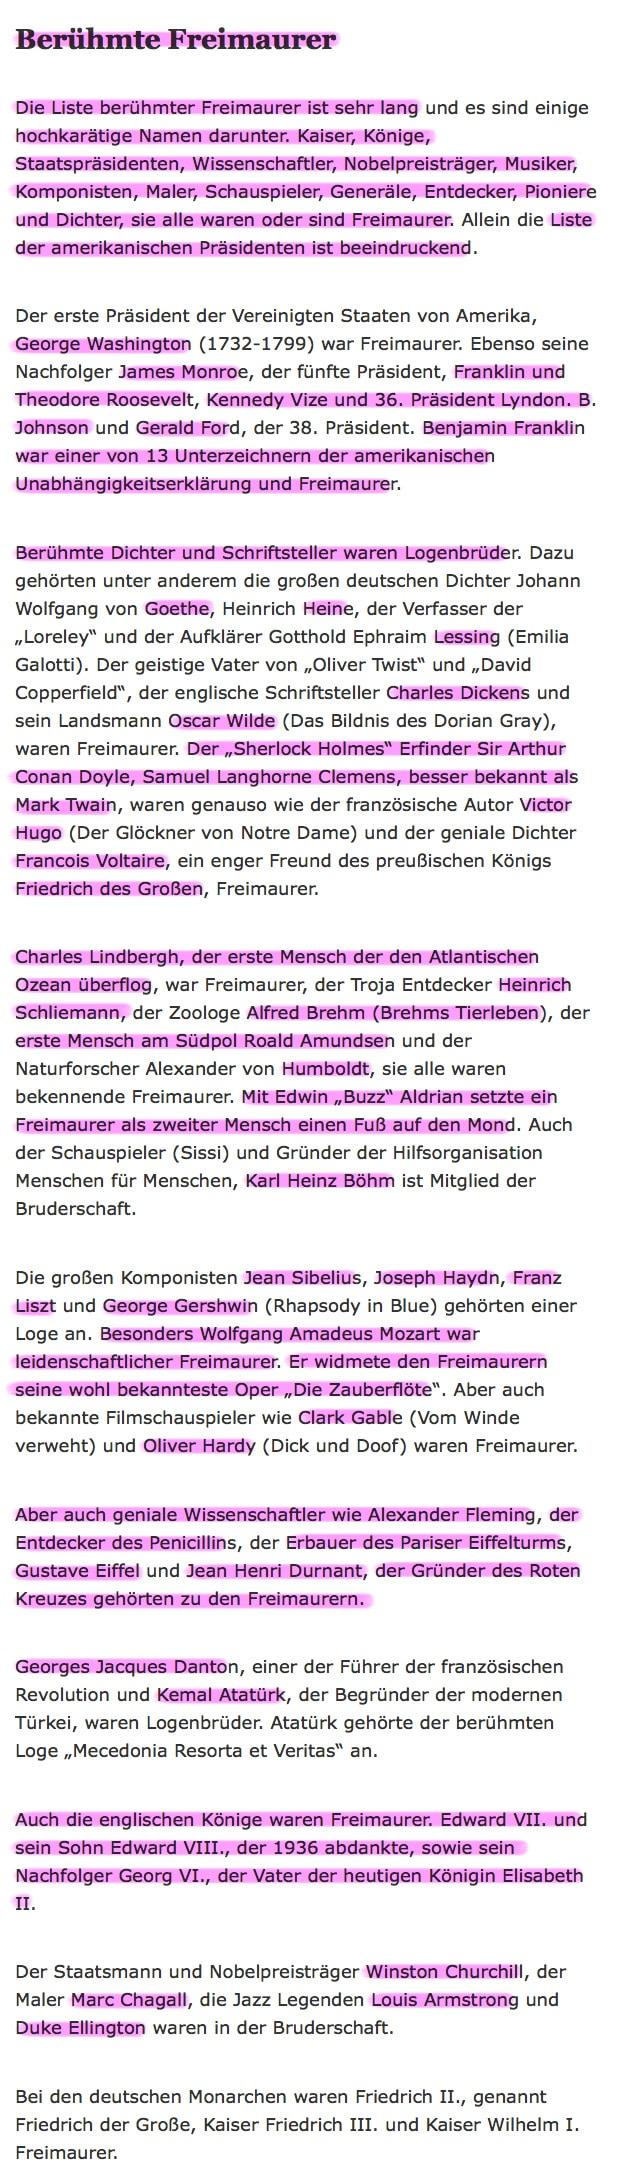 Allgemeine Freimaurer-Symbolik & Marionetten-Mimik - Seite 7 Fremaur